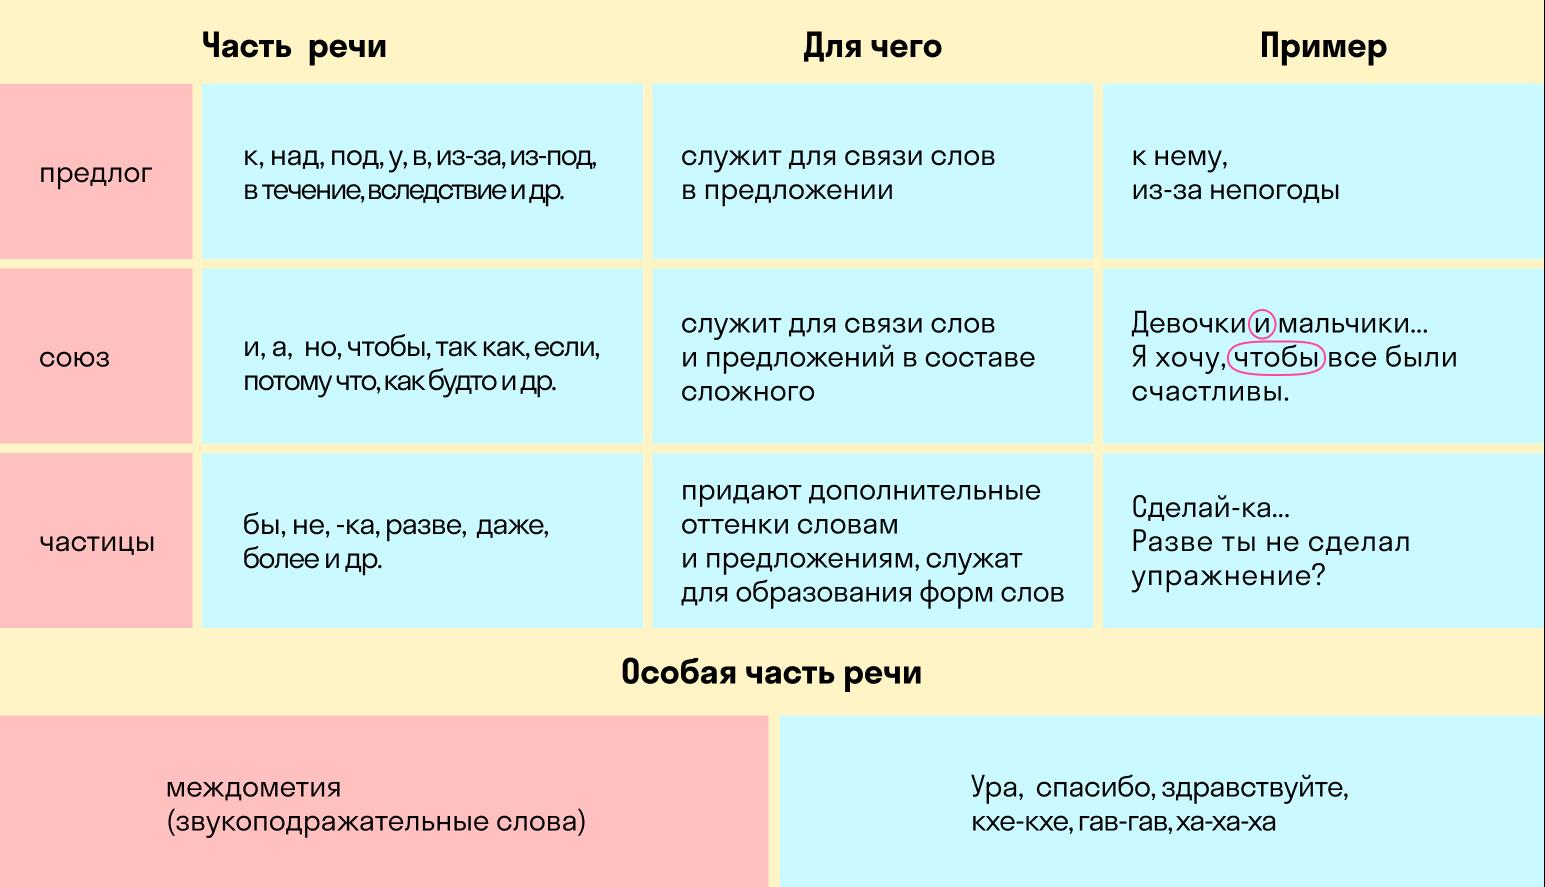 таблица частей речи